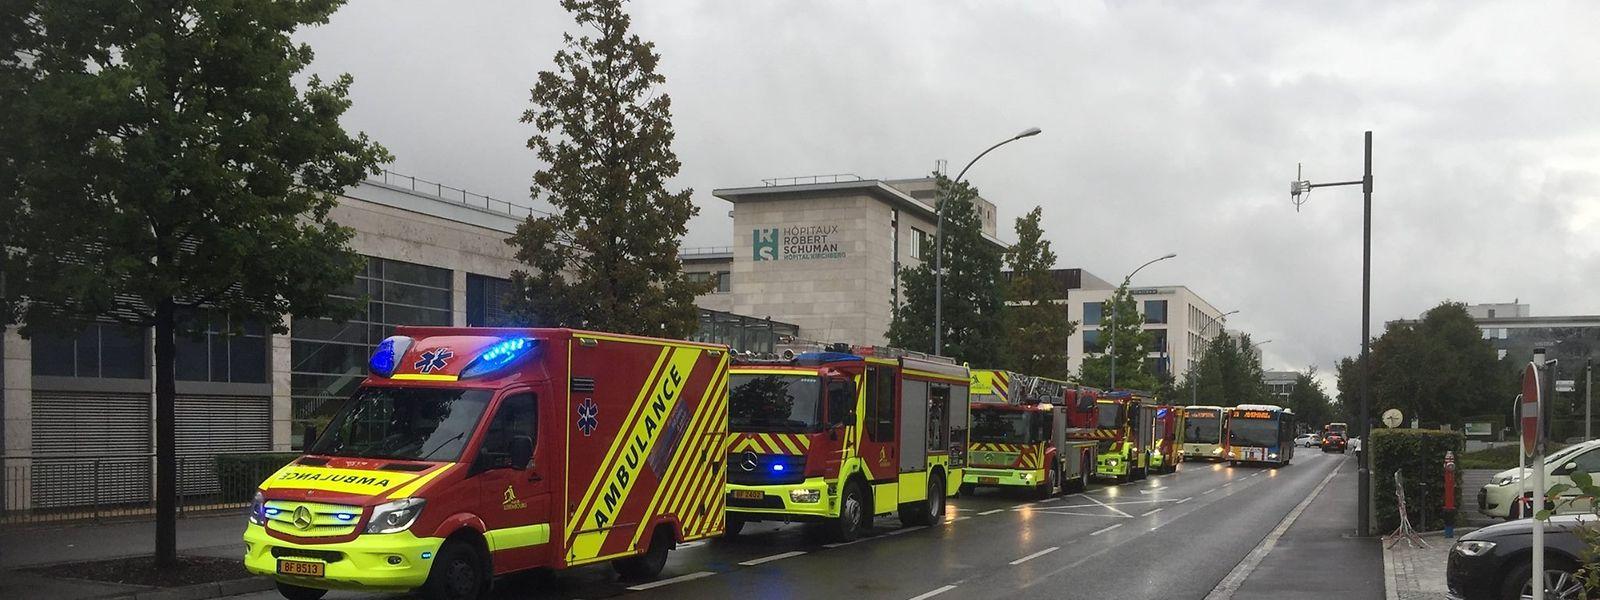 Im Zimmer eines Patienten hatte es am Freitag einen Brand gegeben.